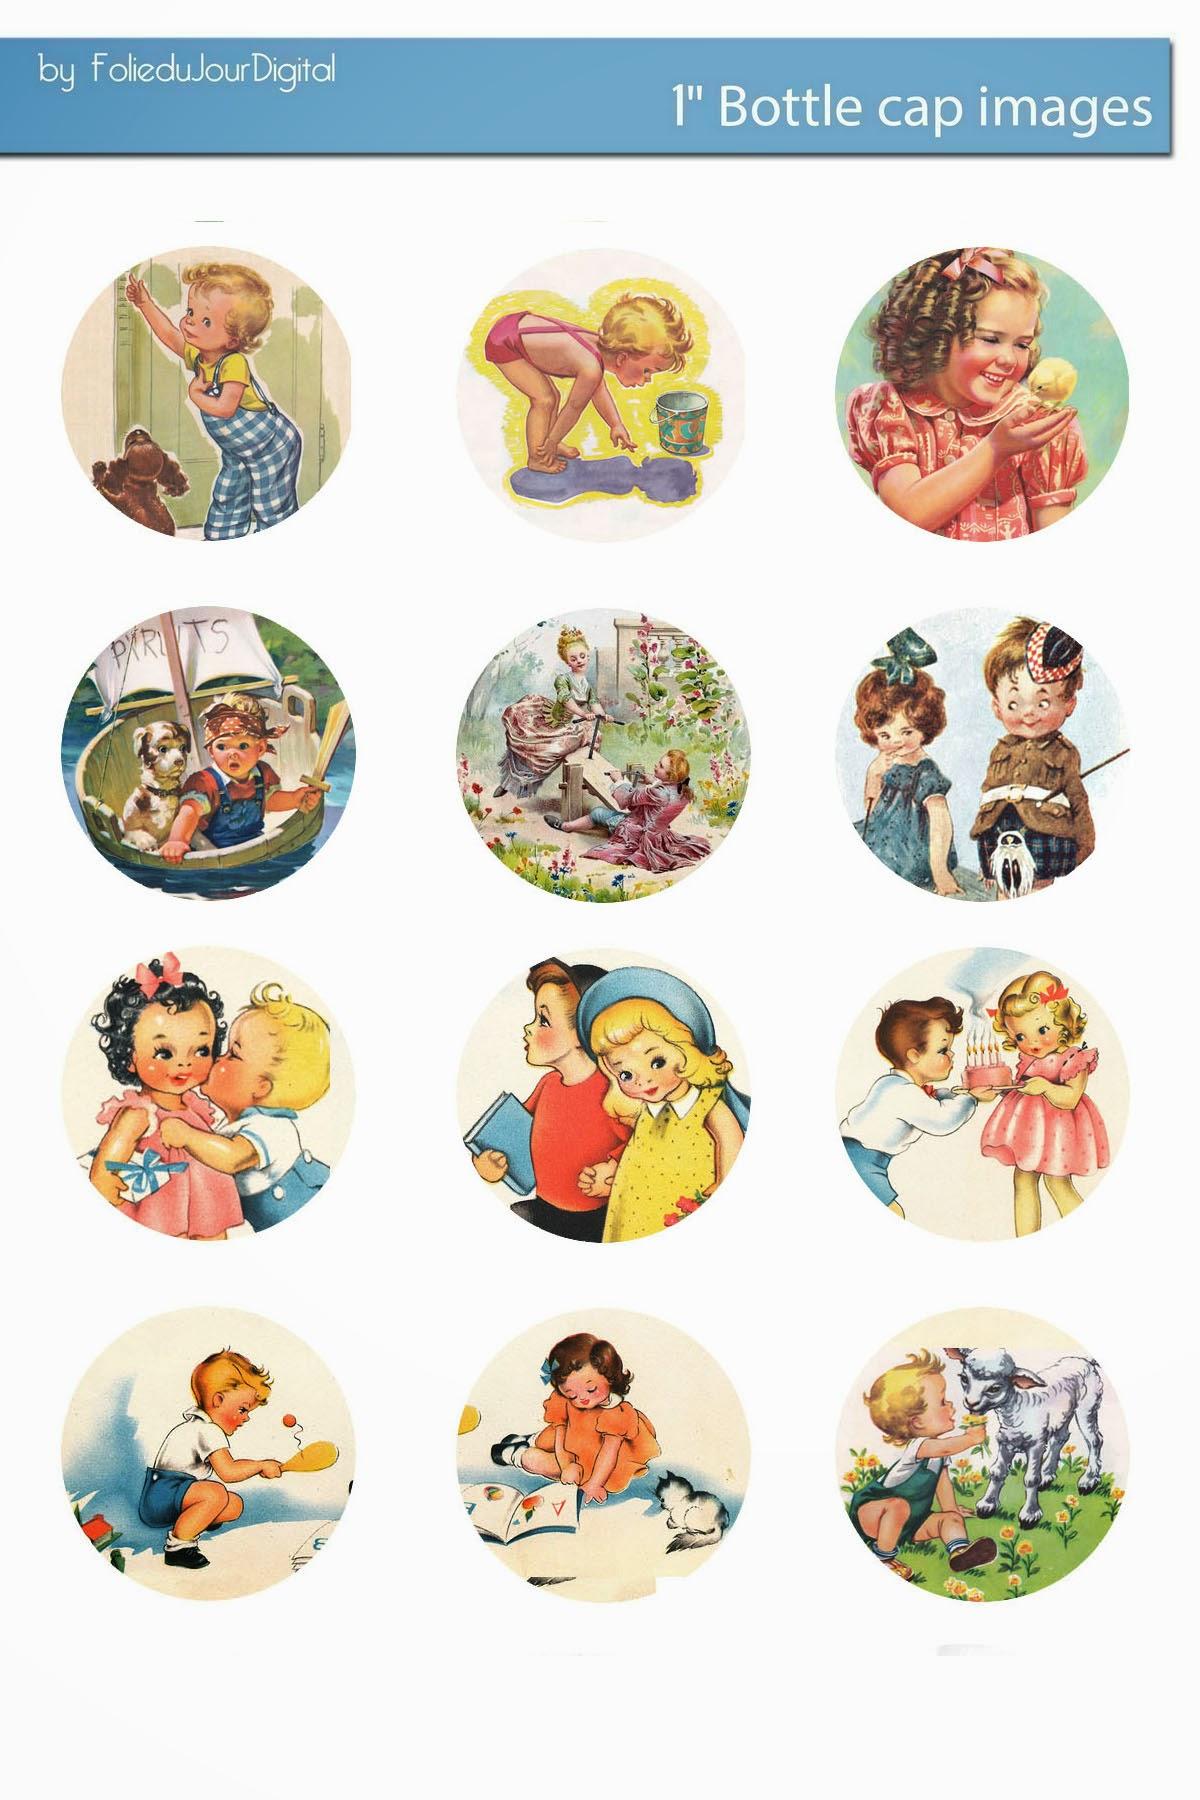 Free bottle cap images retro children free bottle cap images template retro children free bottle cap images template maxwellsz